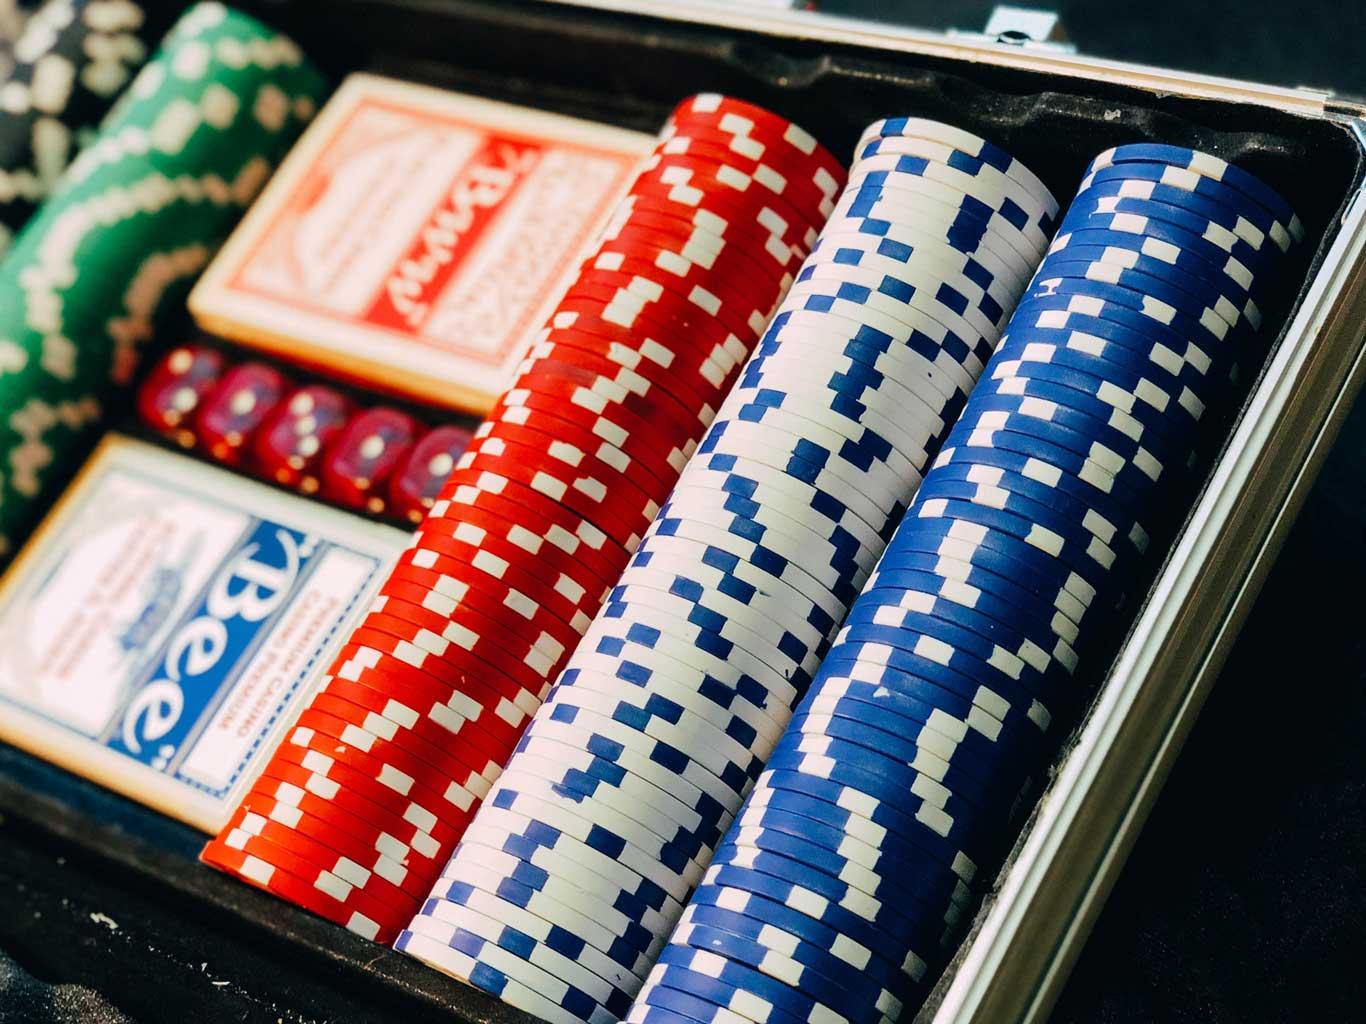 1xbet Apostas PT – Casino online em Portugal